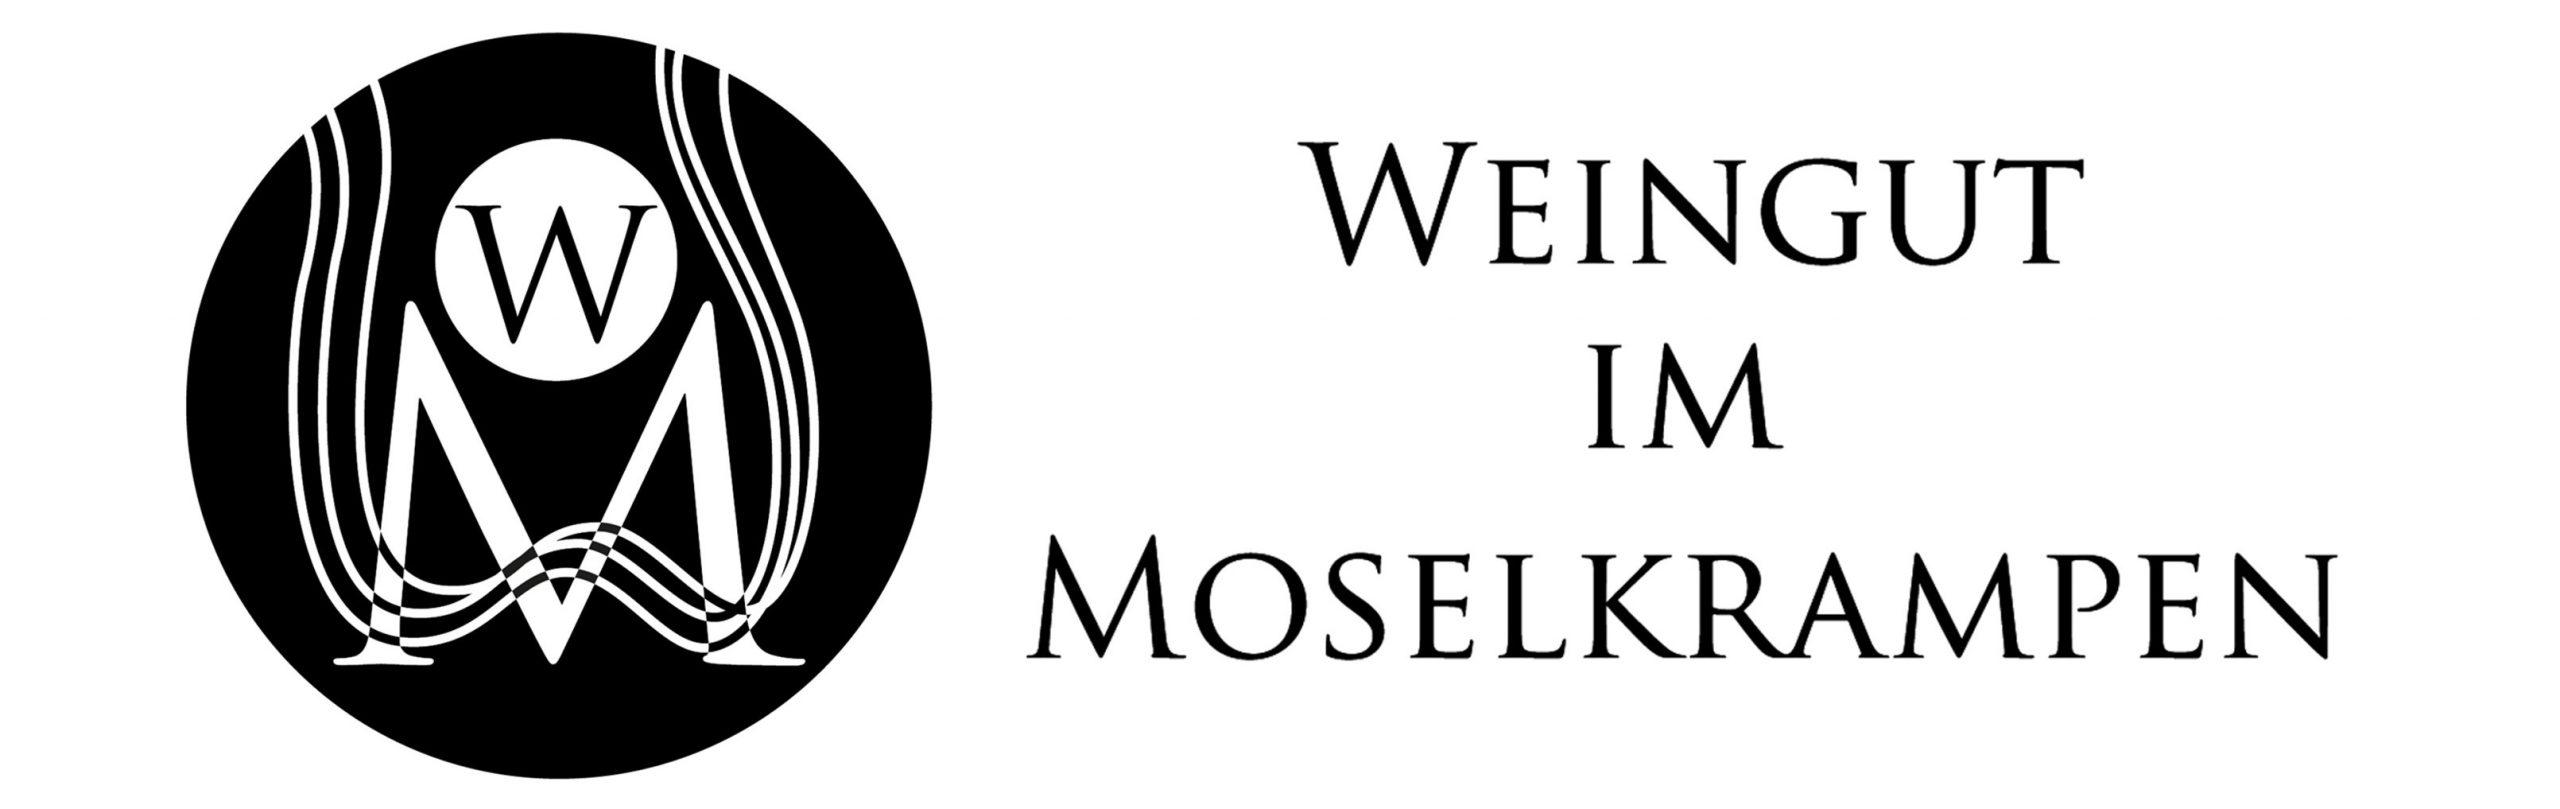 Weingut im Moselkrampen Logo